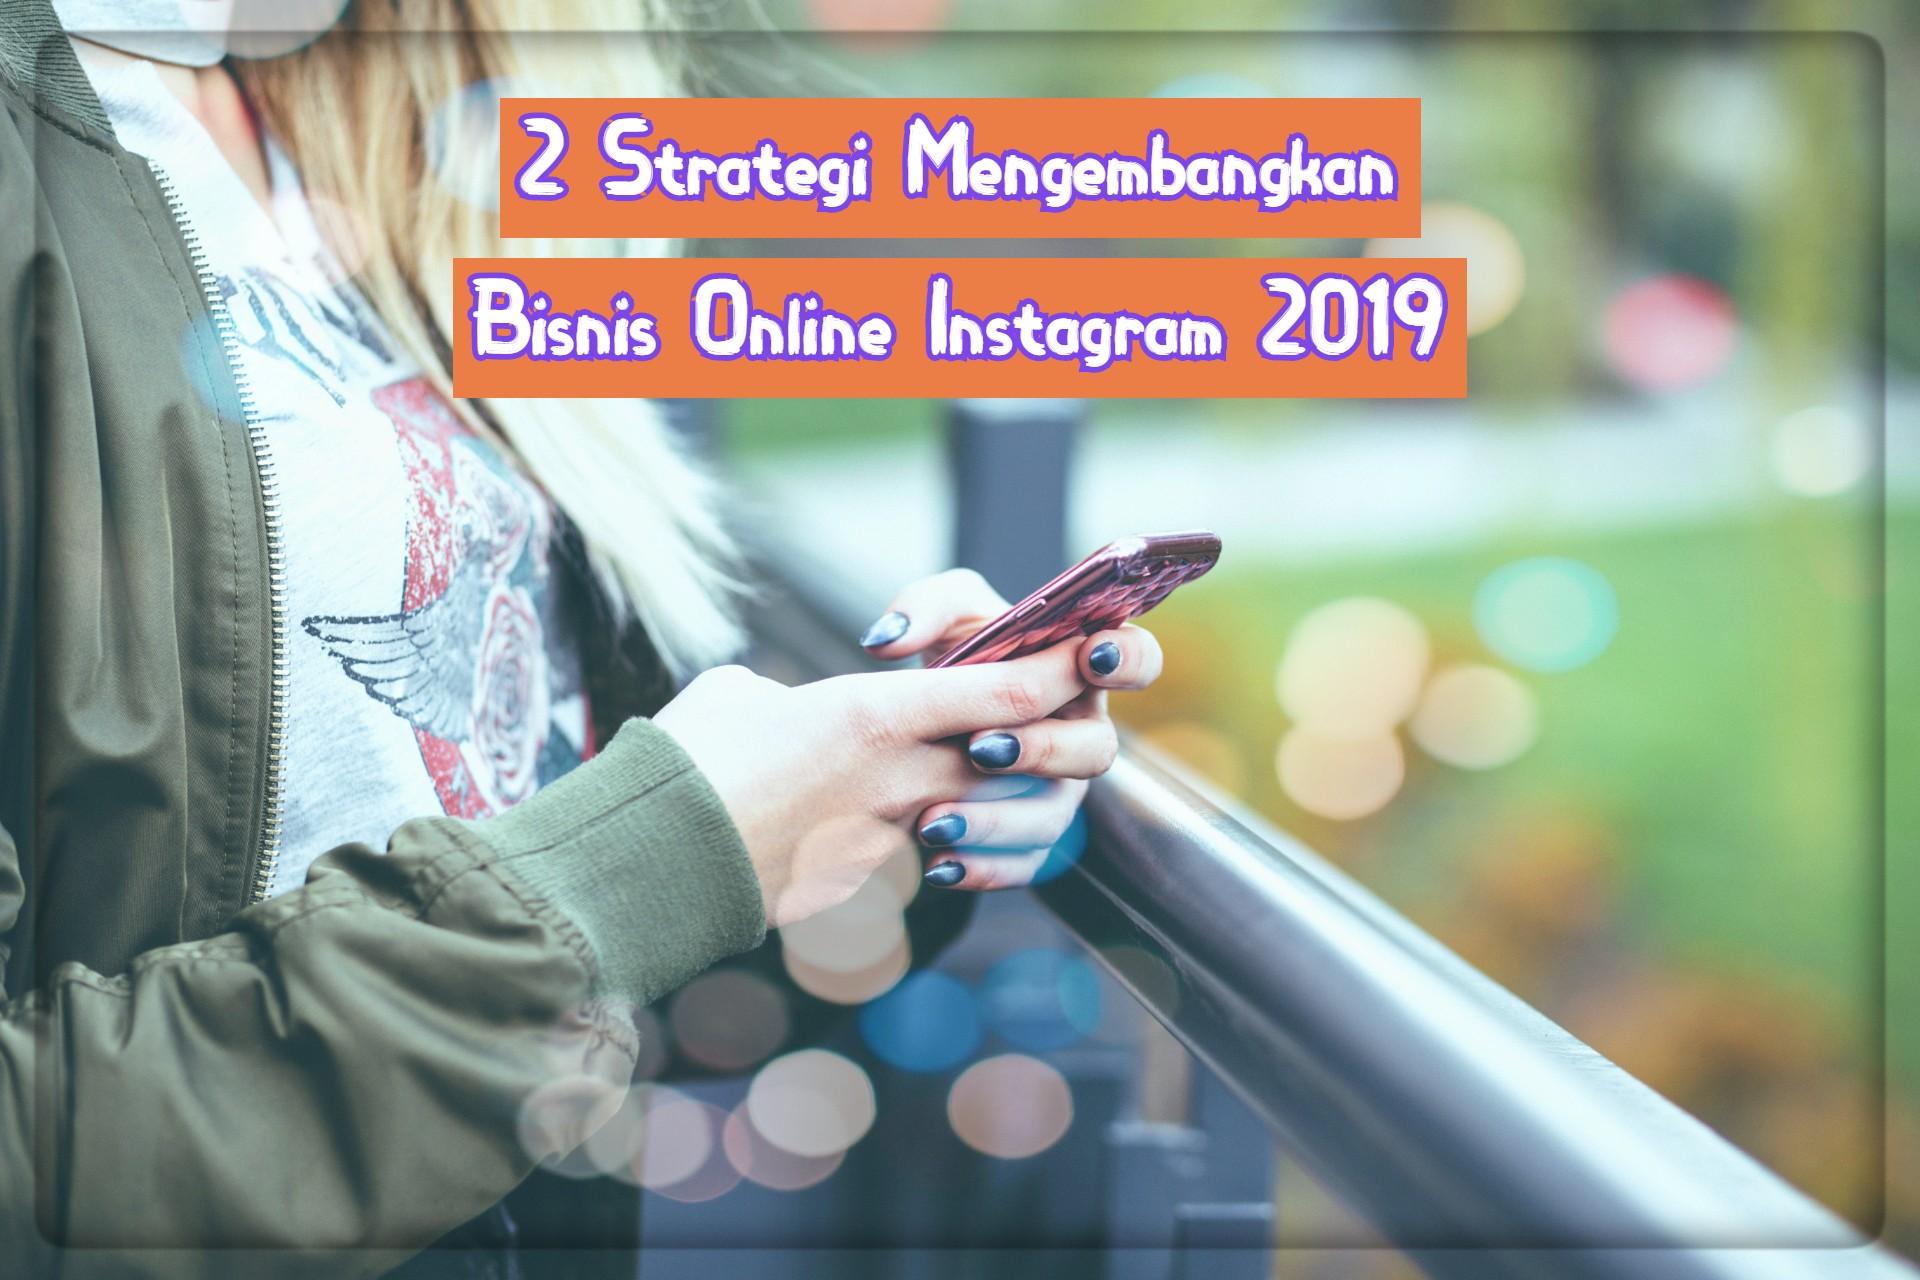 2 Strategi Mengembangkan Bisnis Online di Instagram 2019!